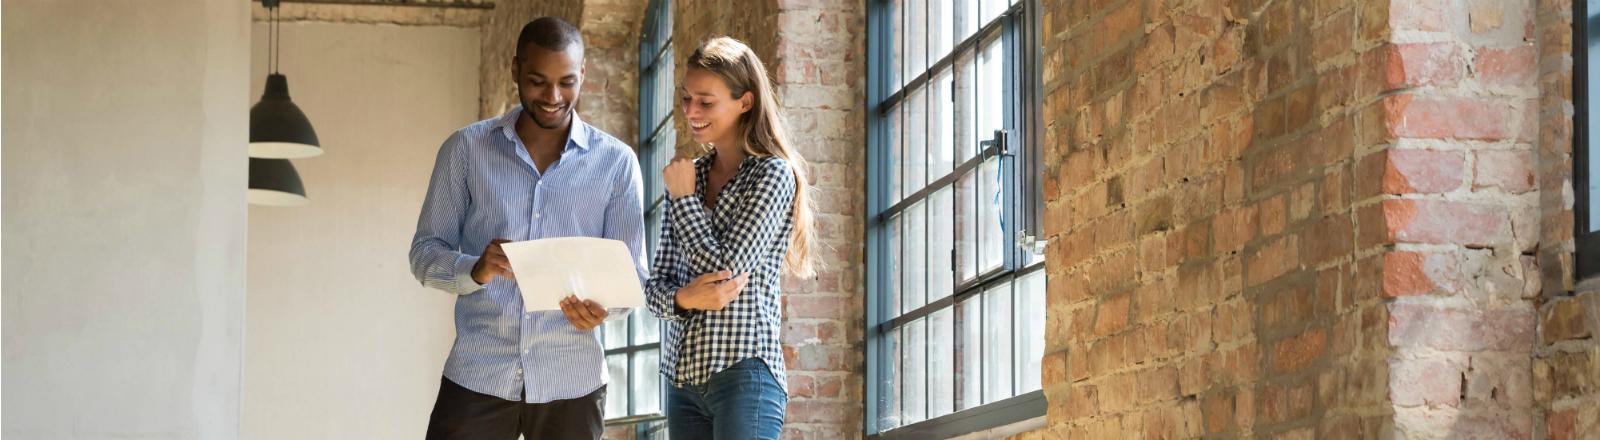 Ein Mann und eine Frau stehen in einer leeren Wohnung und schauen auf einen Zettel.